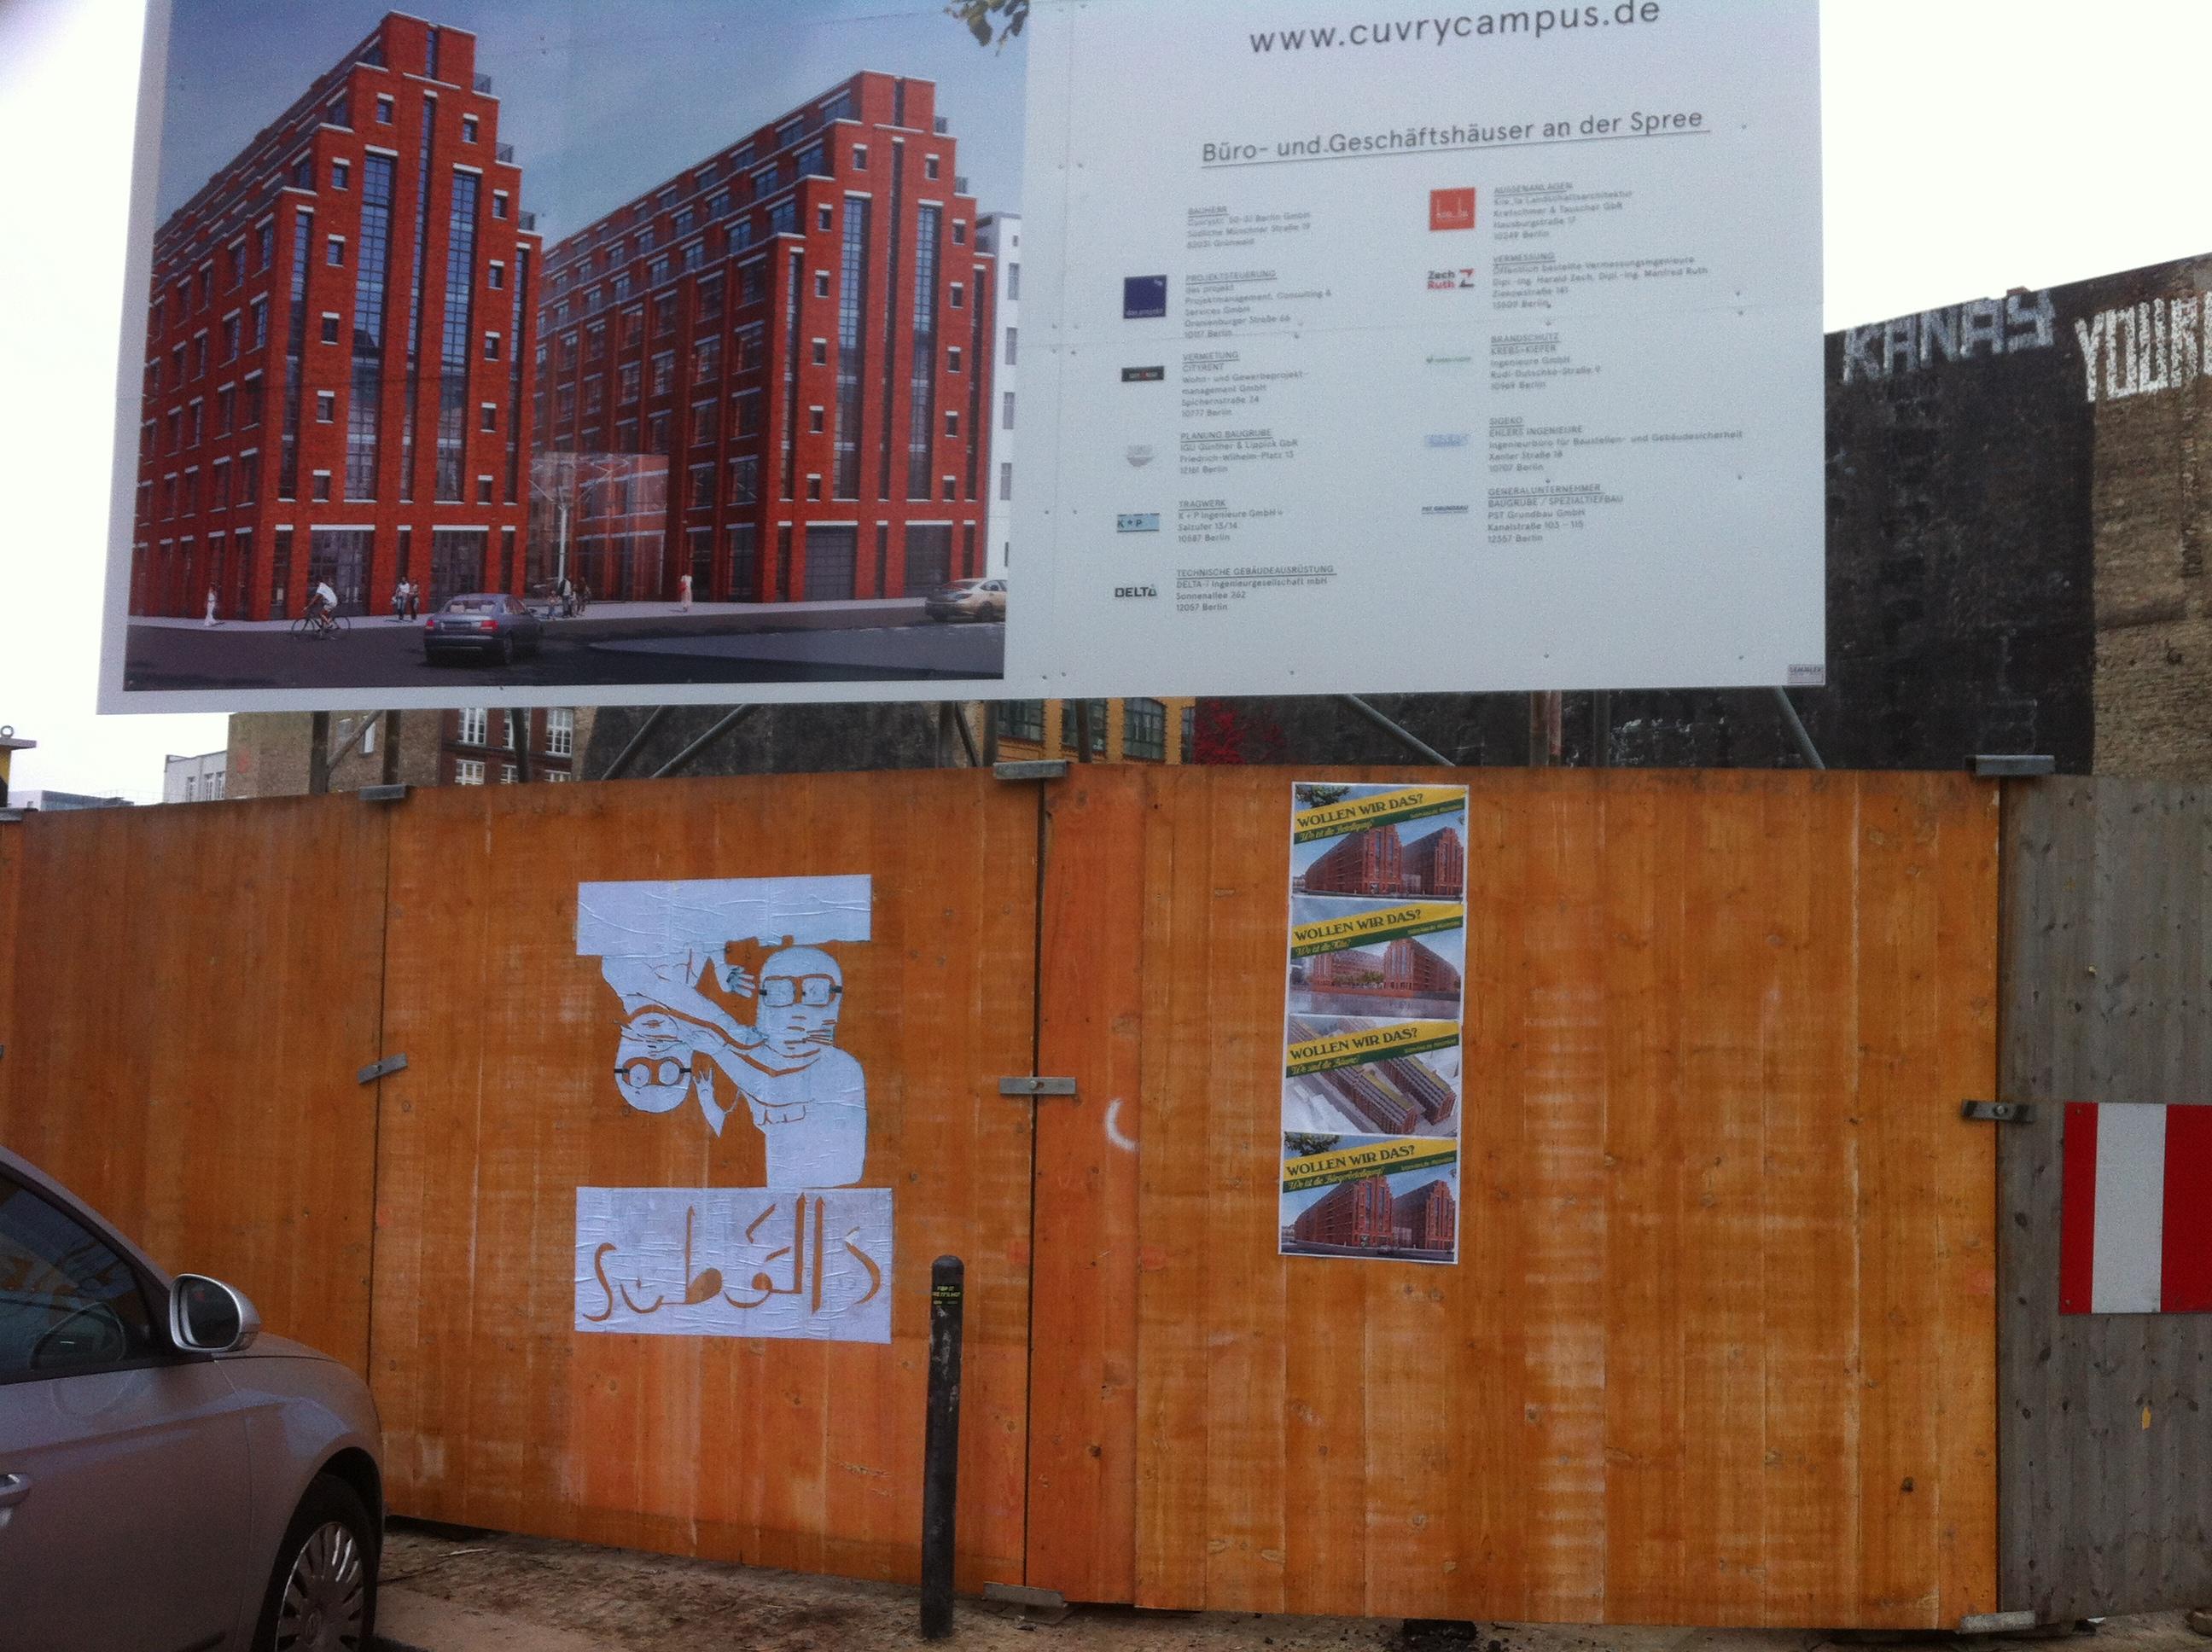 08.11.16 | Cuvry-Wandbilder als Scherenschnitt